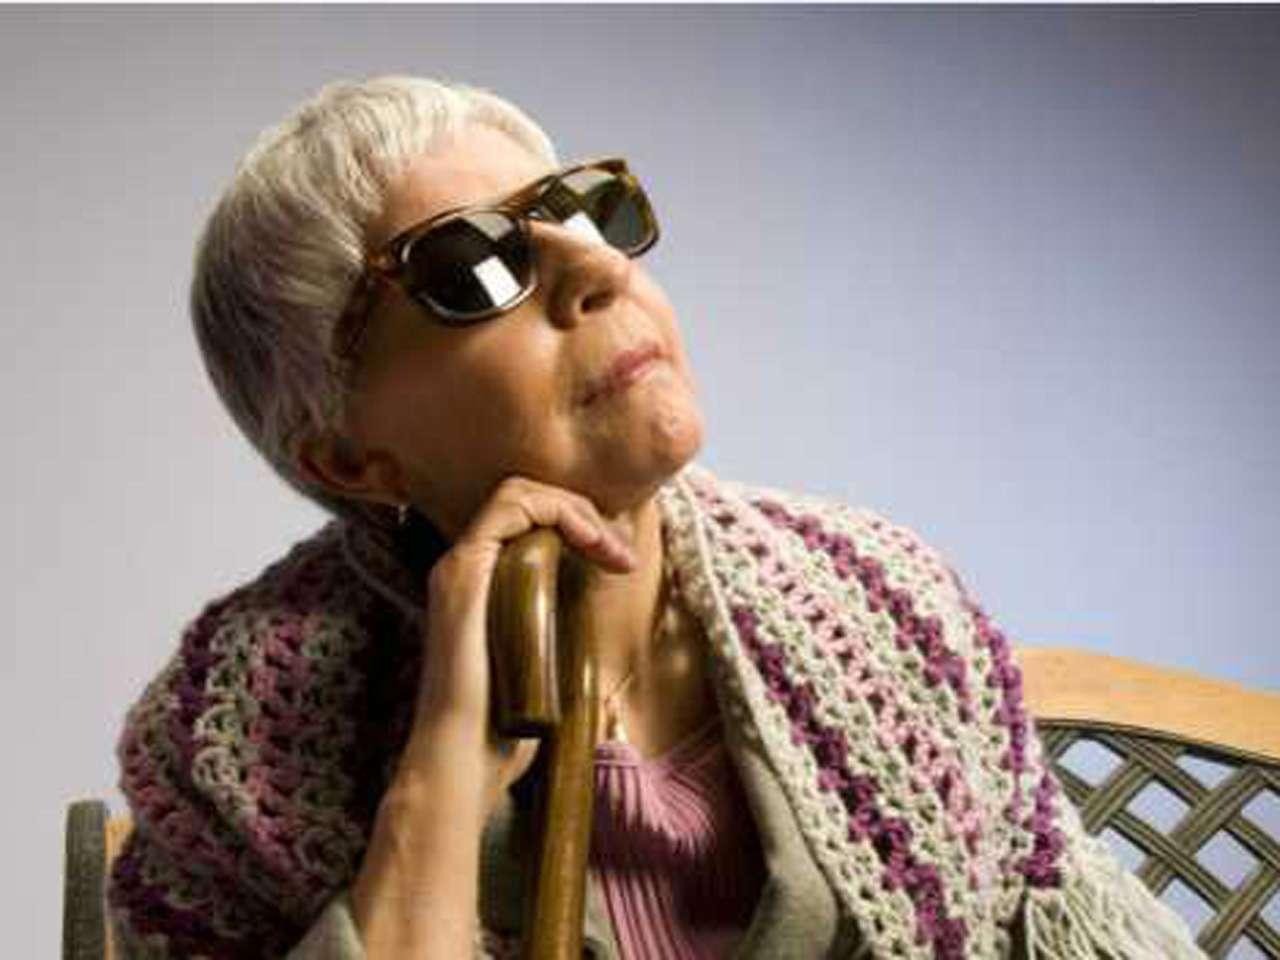 Algunas personas ciegas no pueden ver imágenes cuando sueñan Foto: Thinkstock/BBCMundo.com